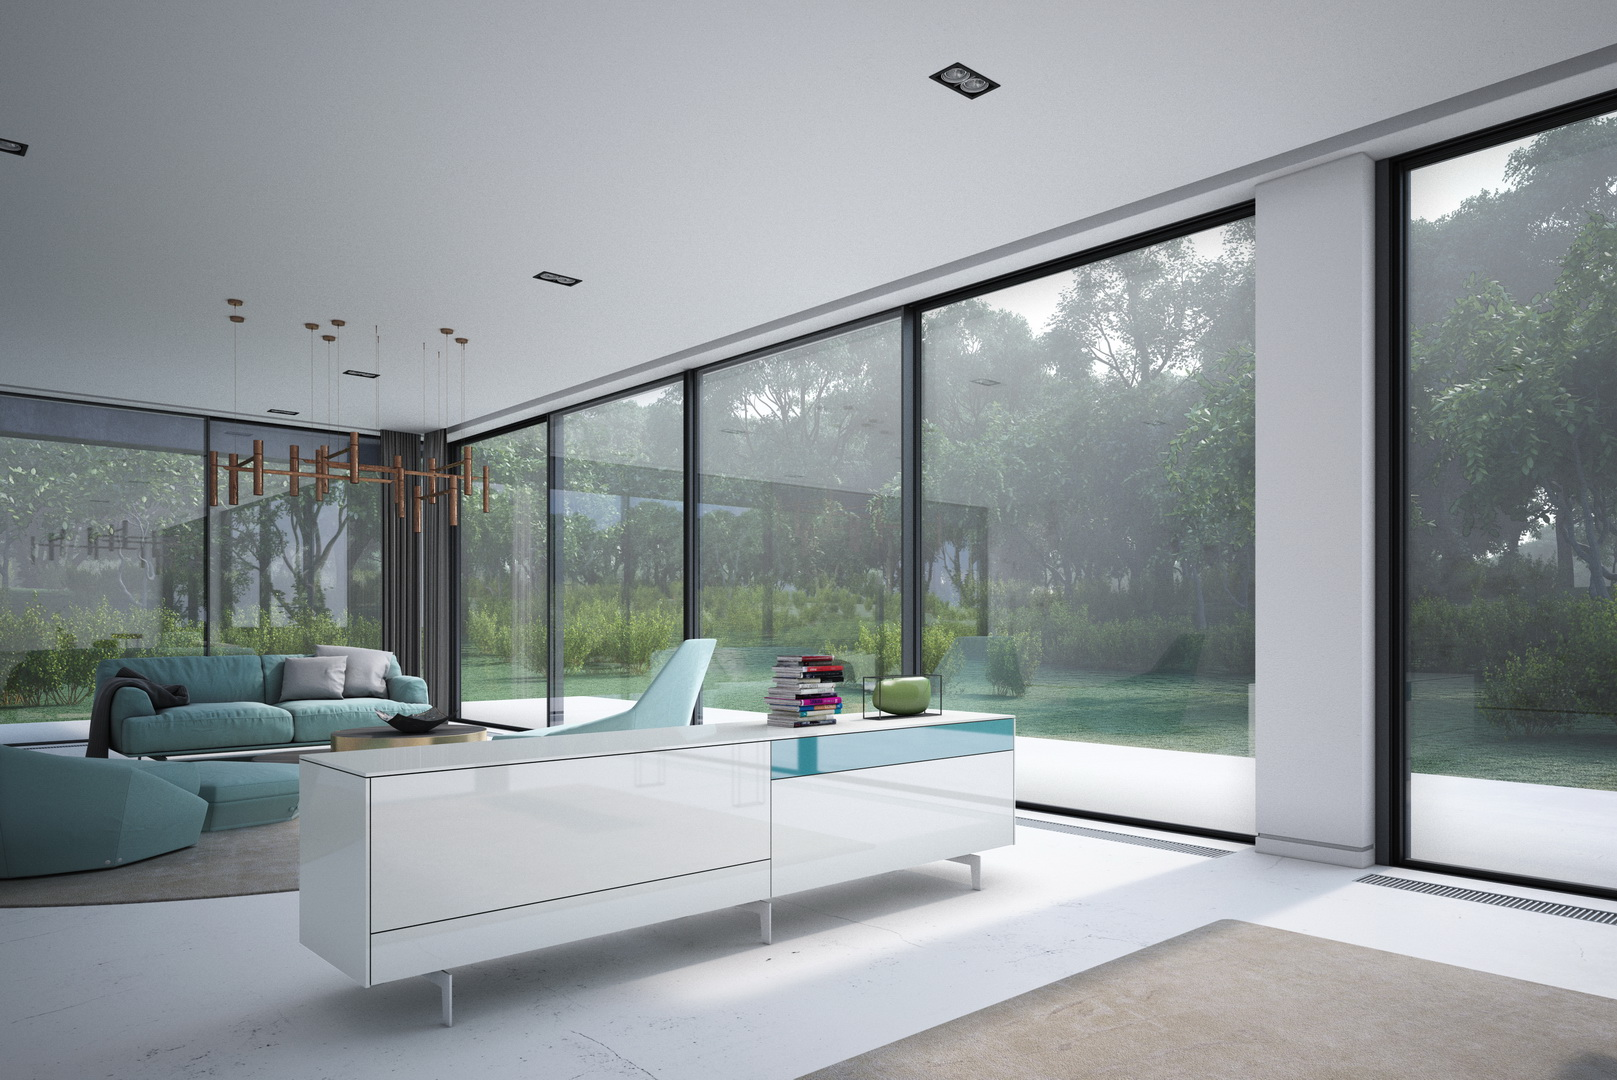 kann ich ein kleines schlafzimmer schwarz grau gestalten. Black Bedroom Furniture Sets. Home Design Ideas